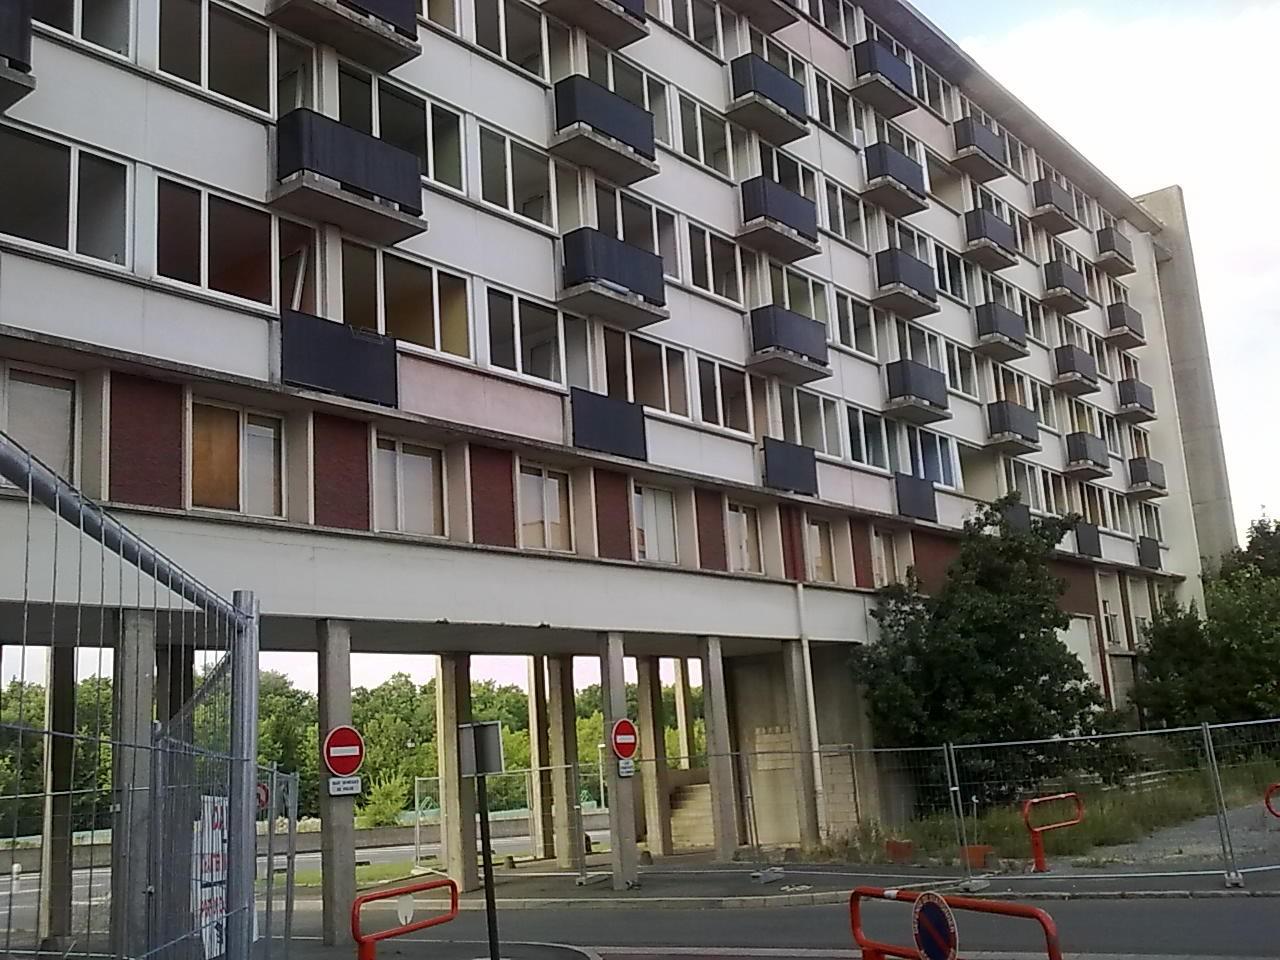 Juillet 2010, Résidence universitaire, bâtiment C